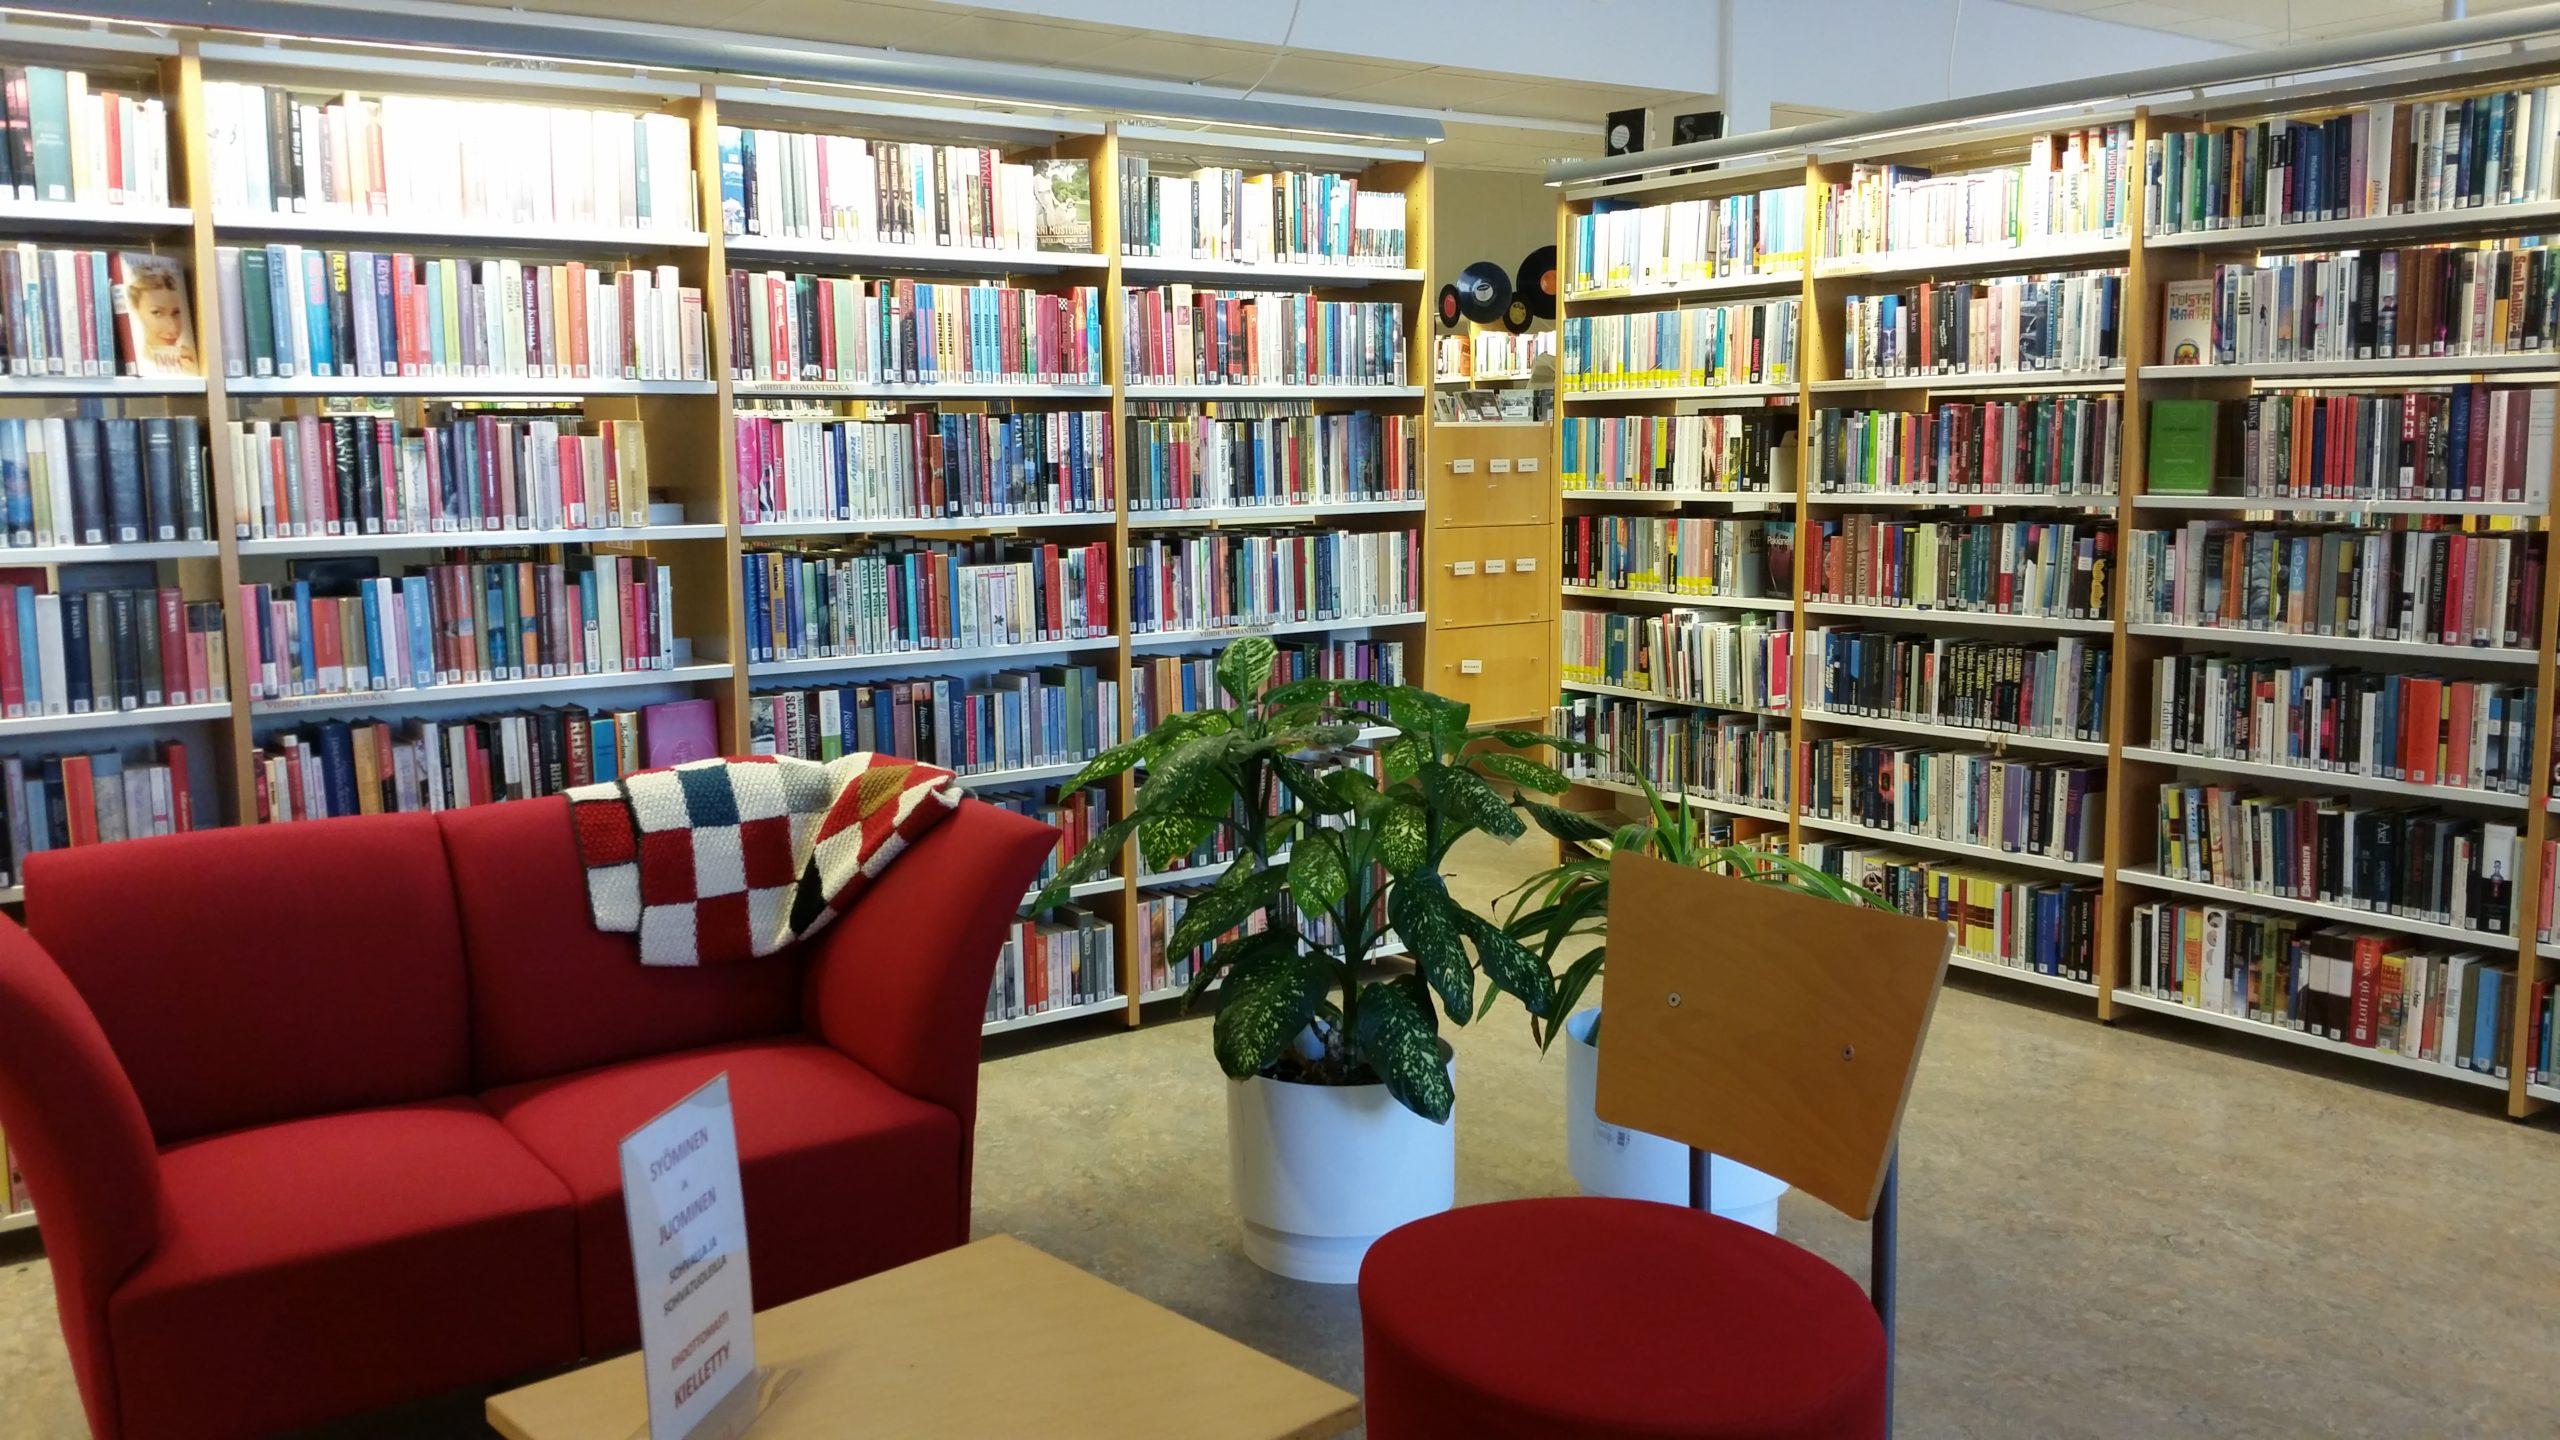 Joroisten kirjasto 2